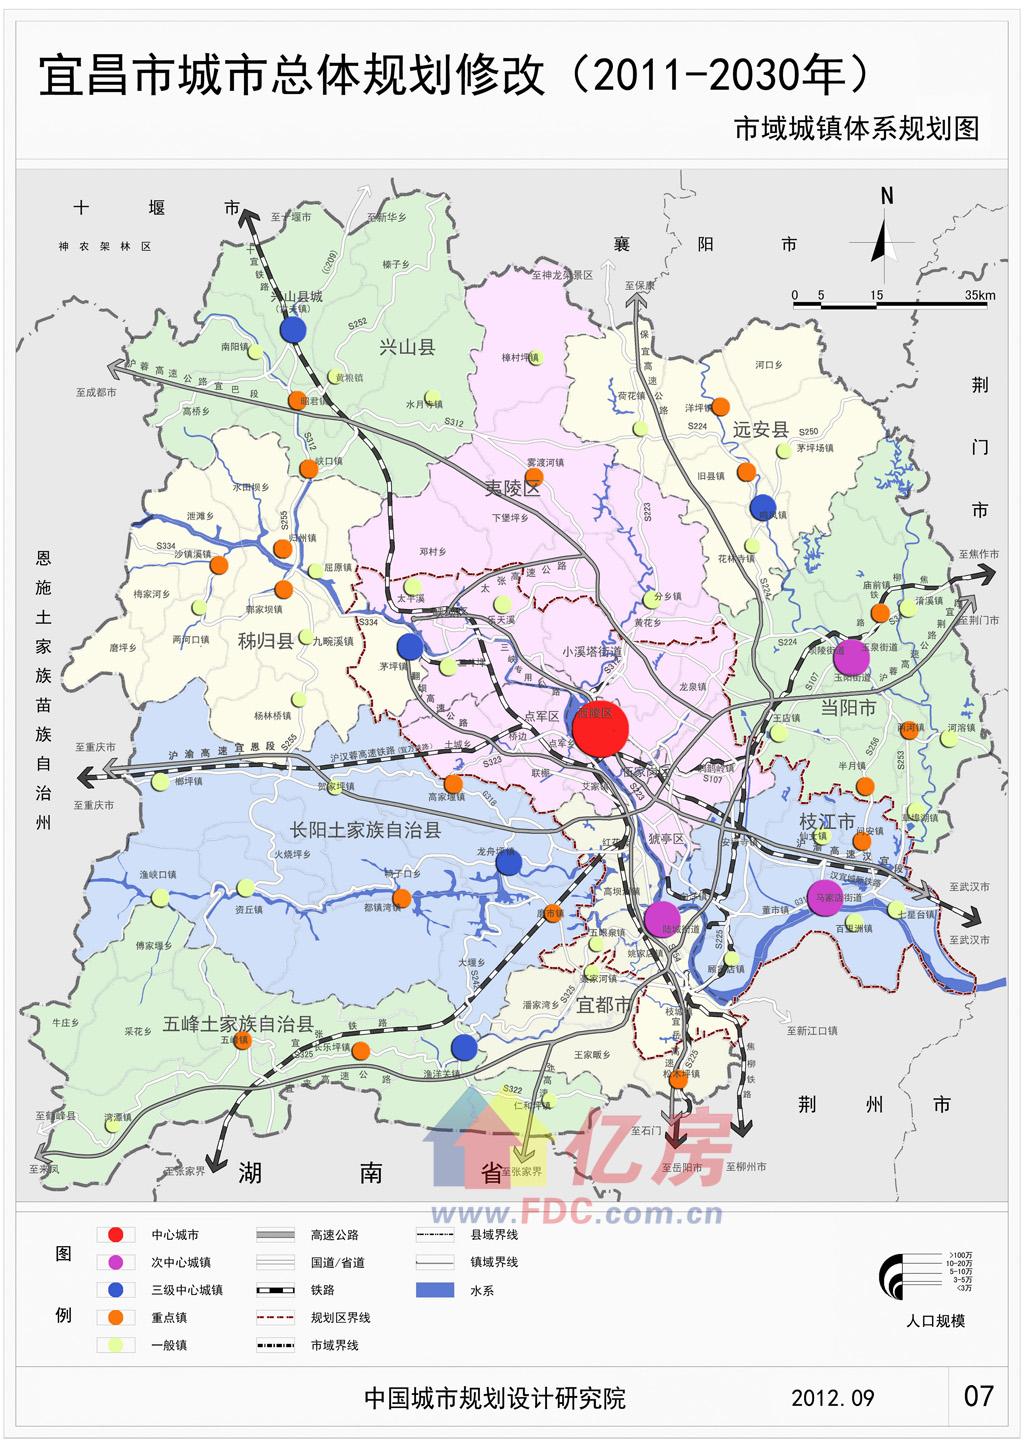 宜昌高速公路地图高清版